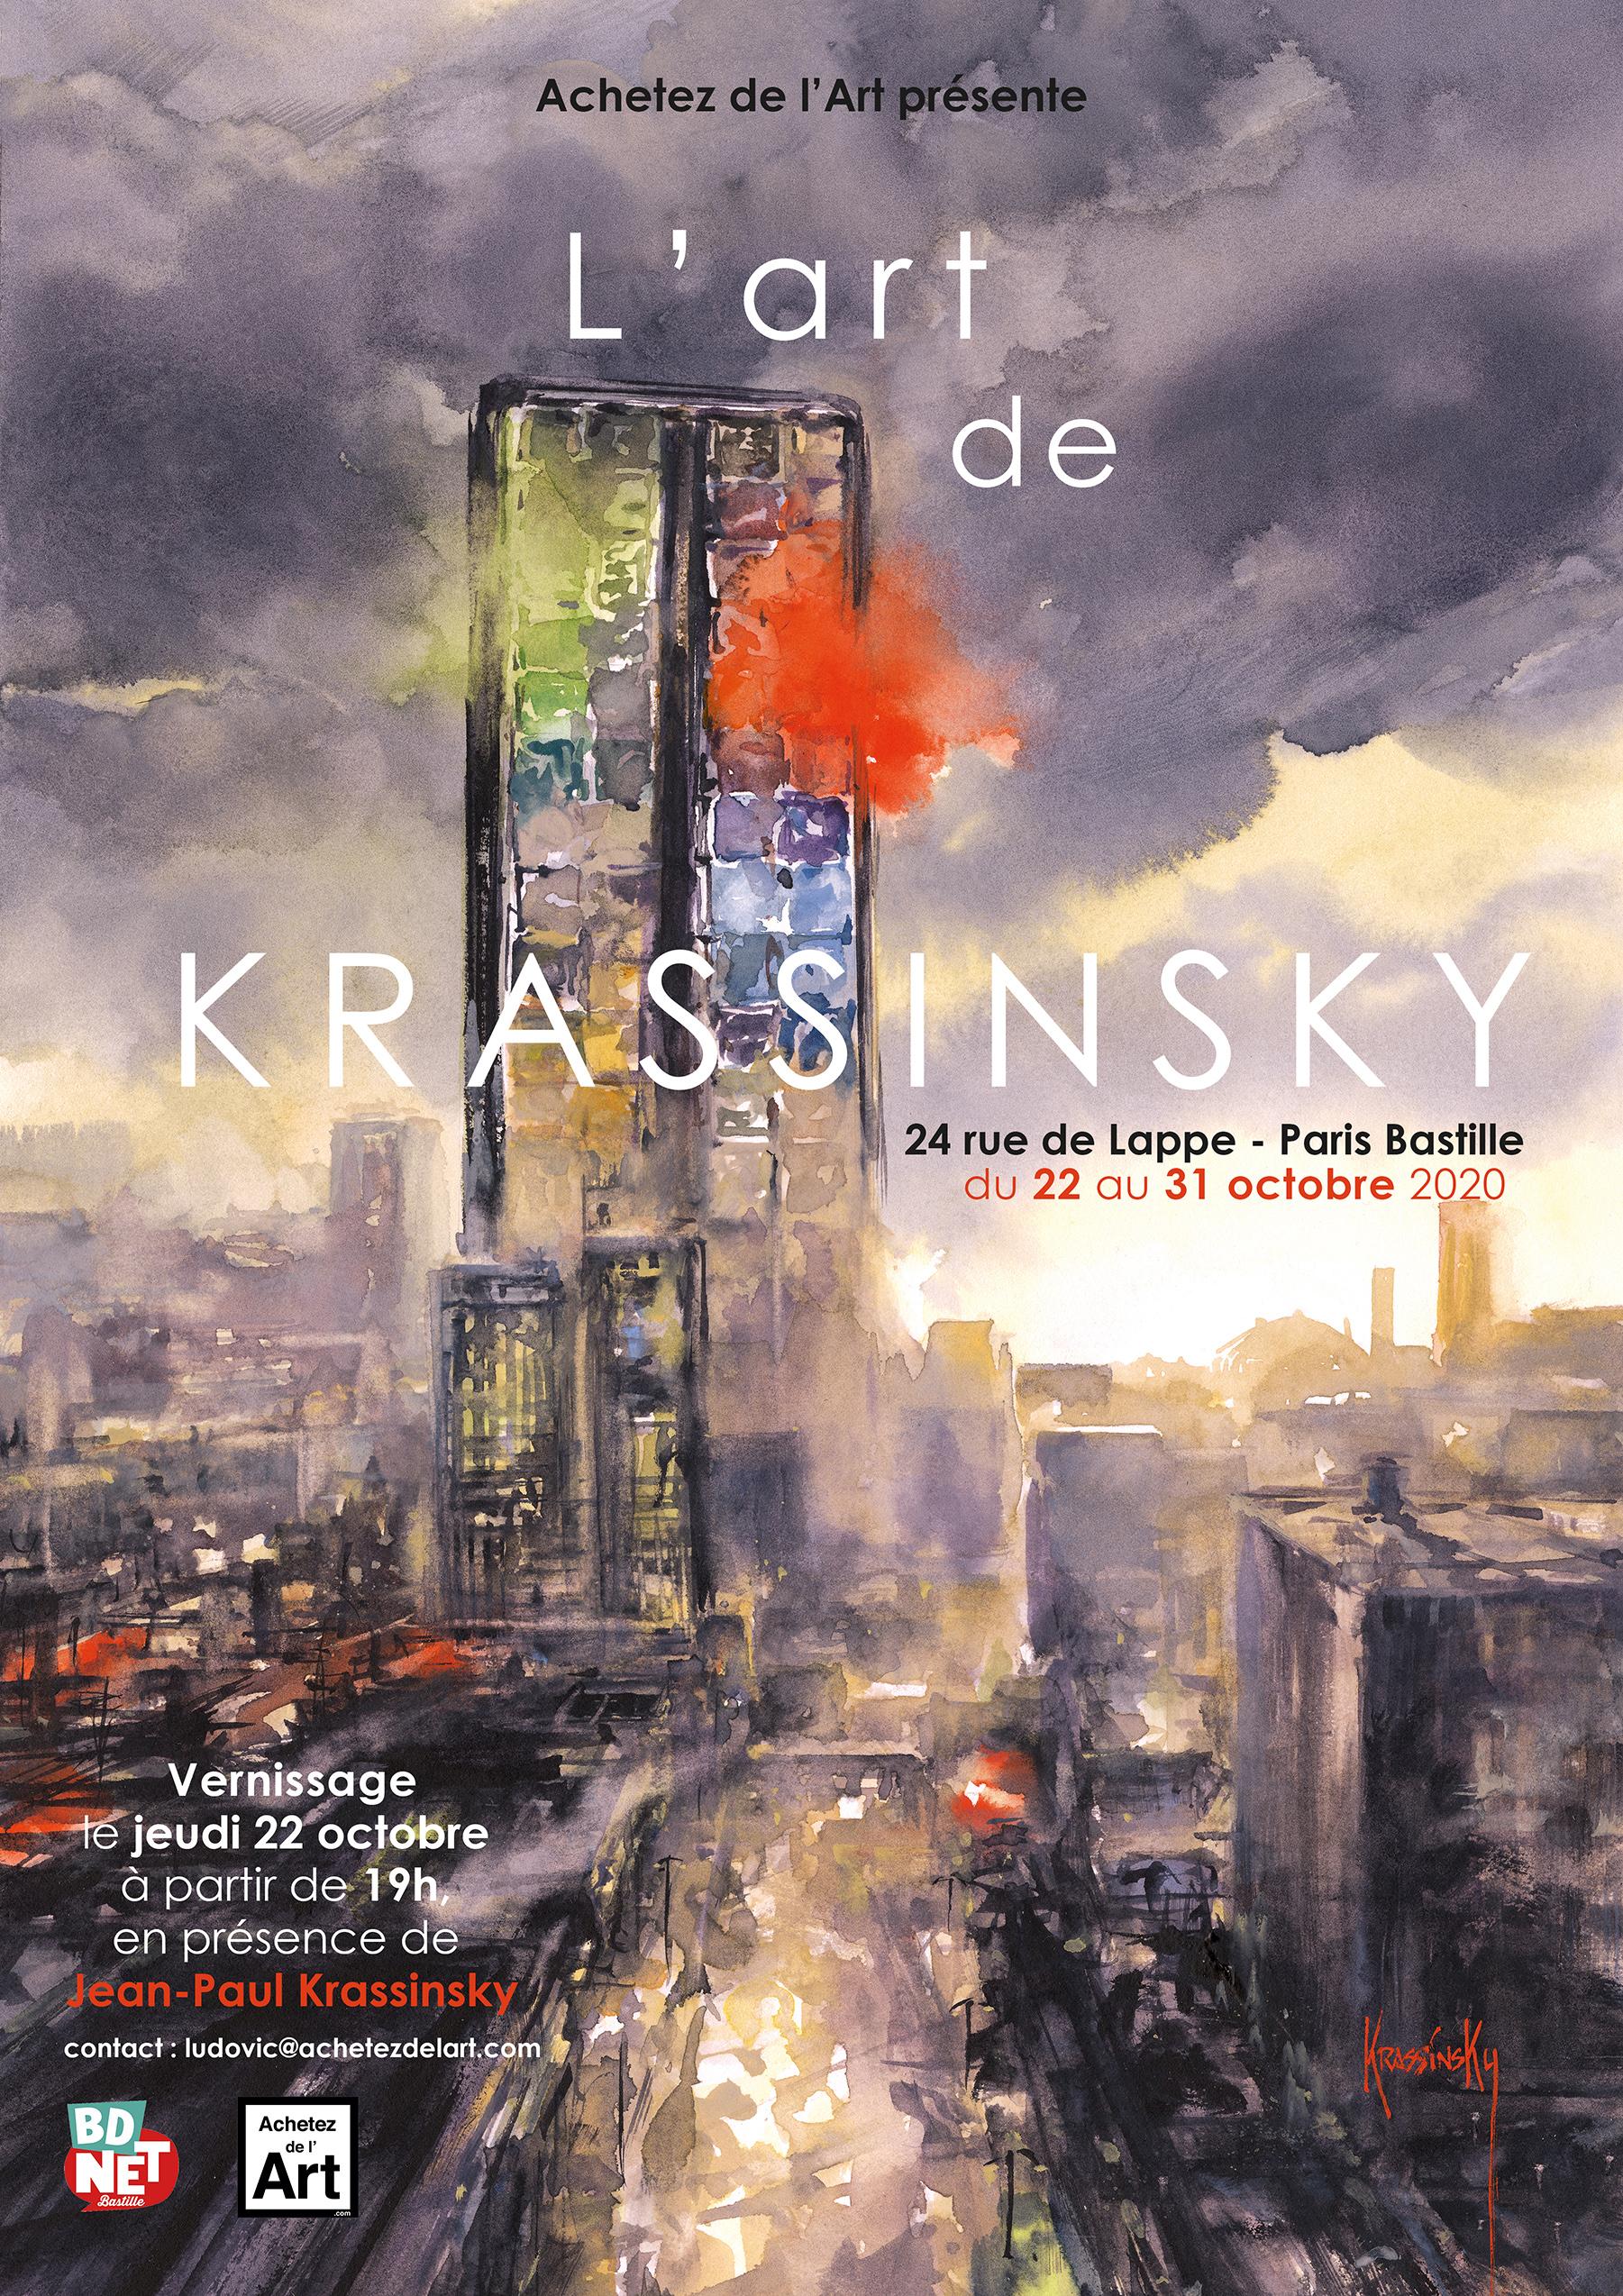 L'art de Krassinsky - Du 22 au 31 octobre 2020 chez Achetez de l'Art